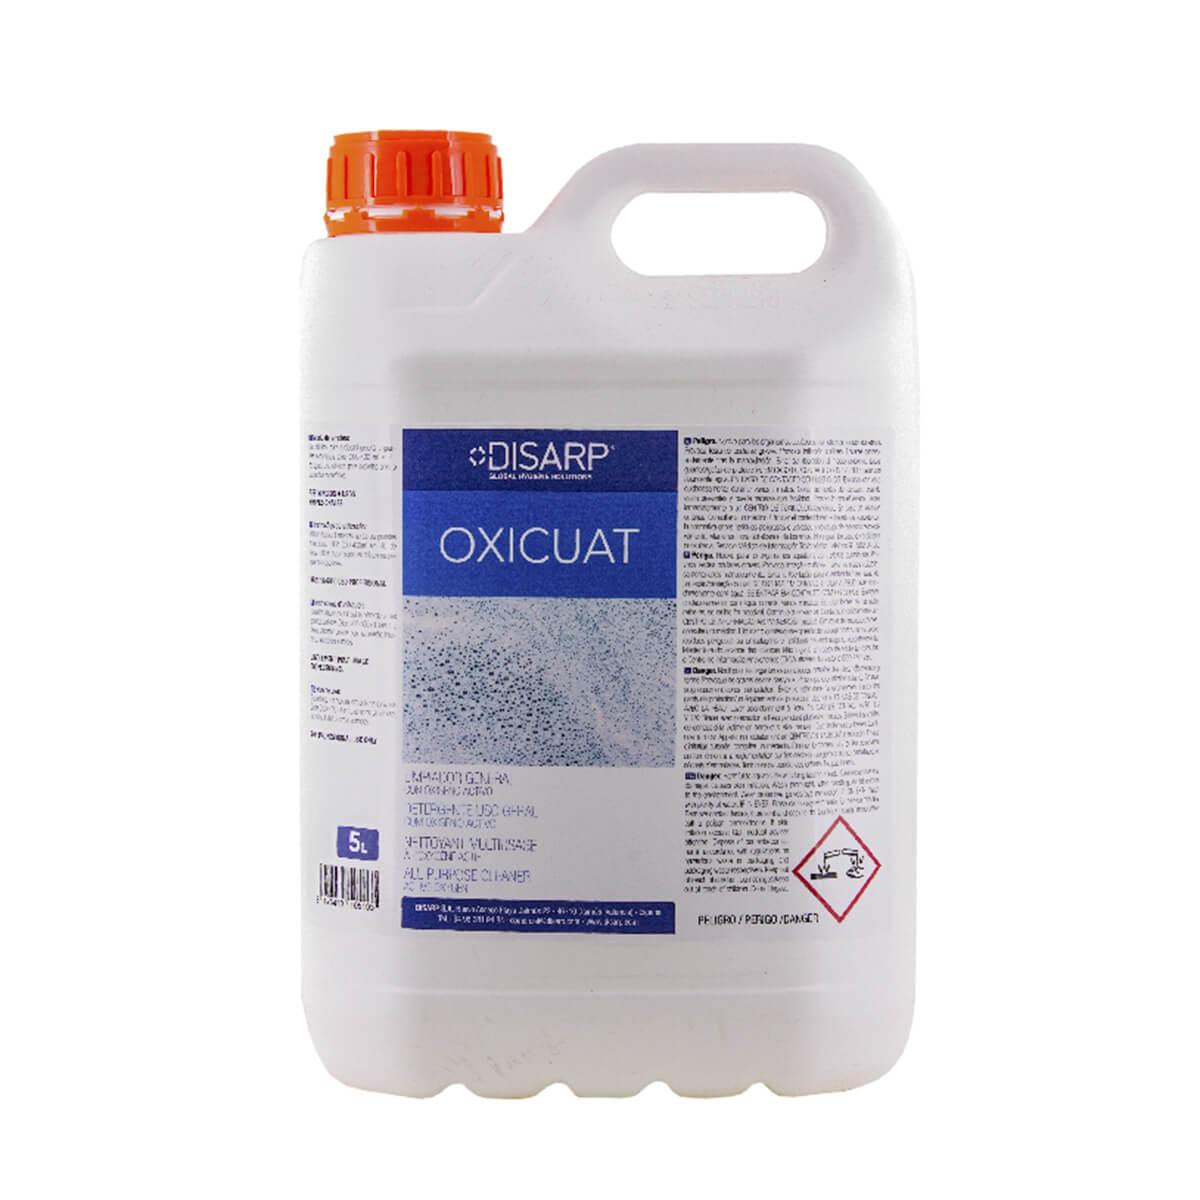 garrafa-gel-oxicuat